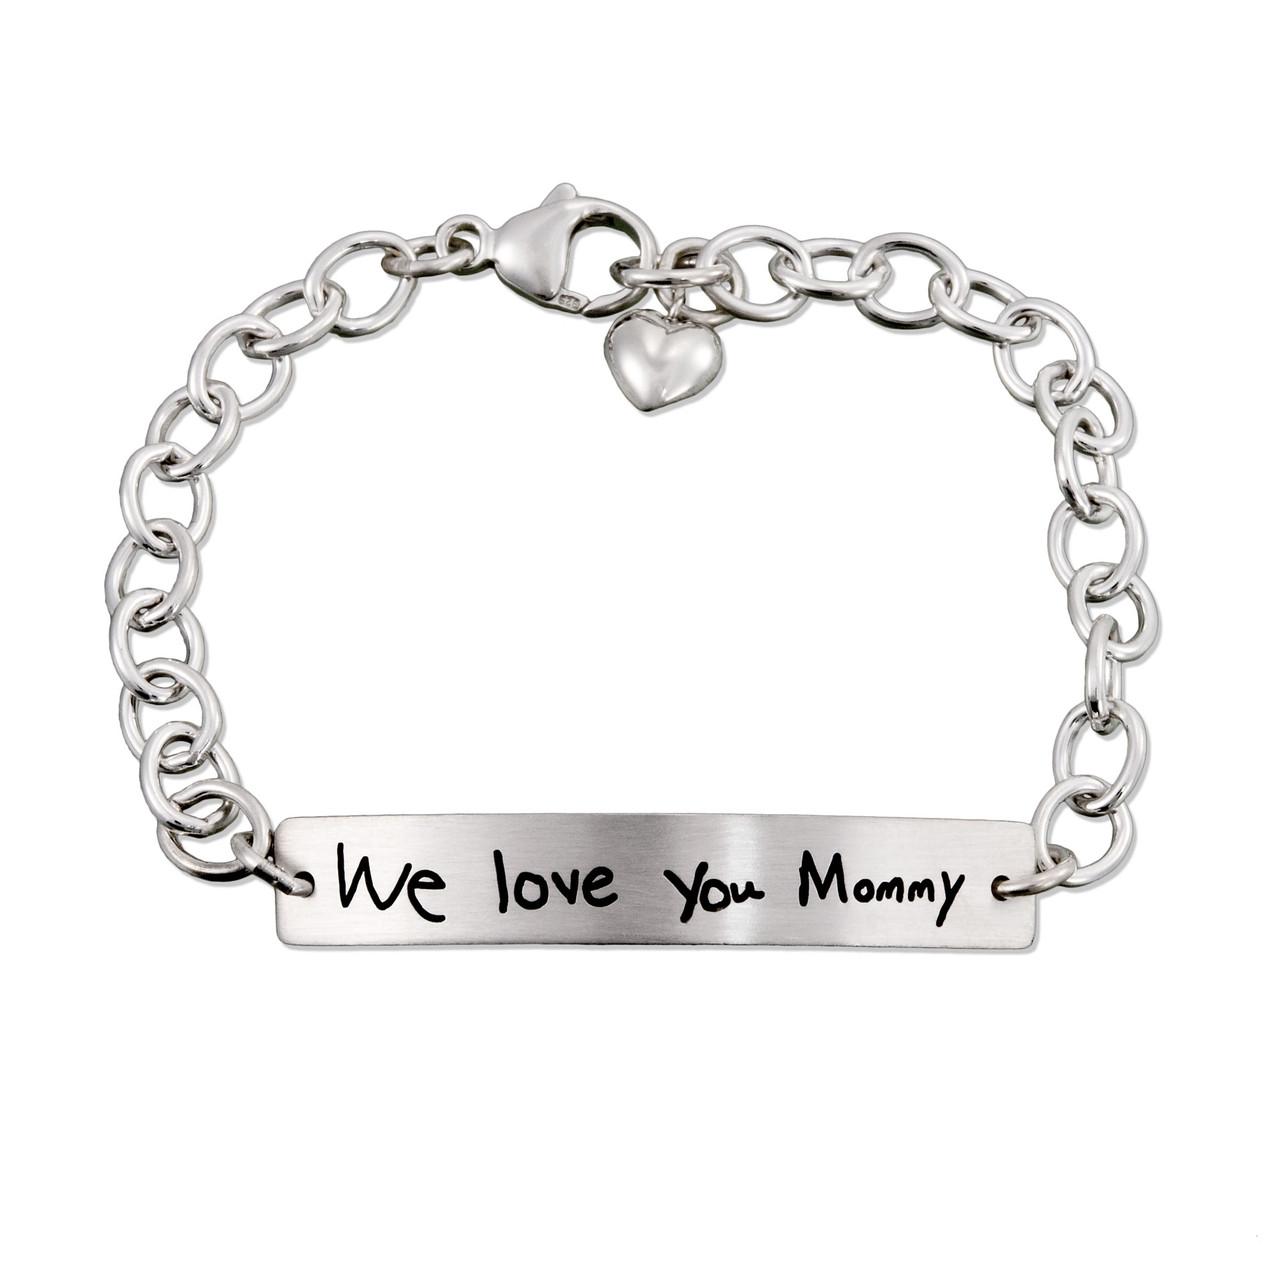 Love you mommy bracelet